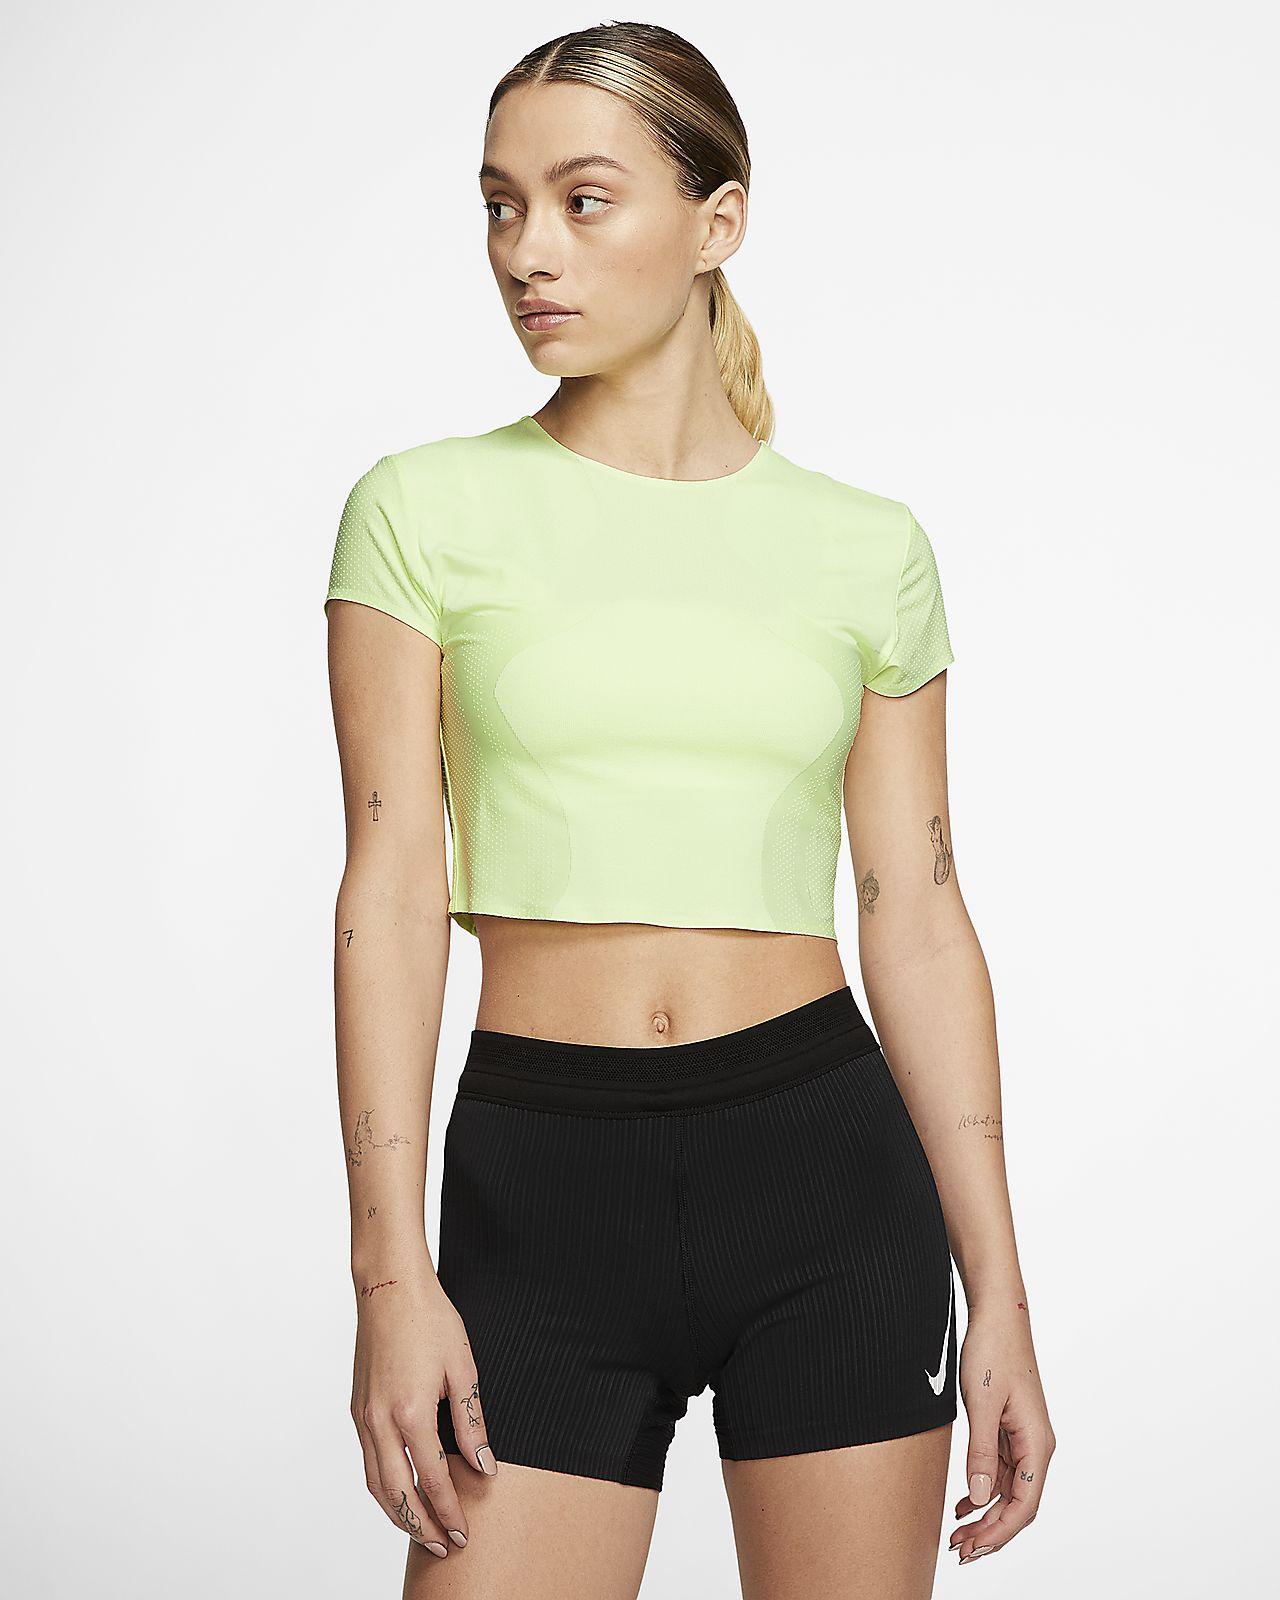 Löpartröja Nike City Ready Run för kvinnor